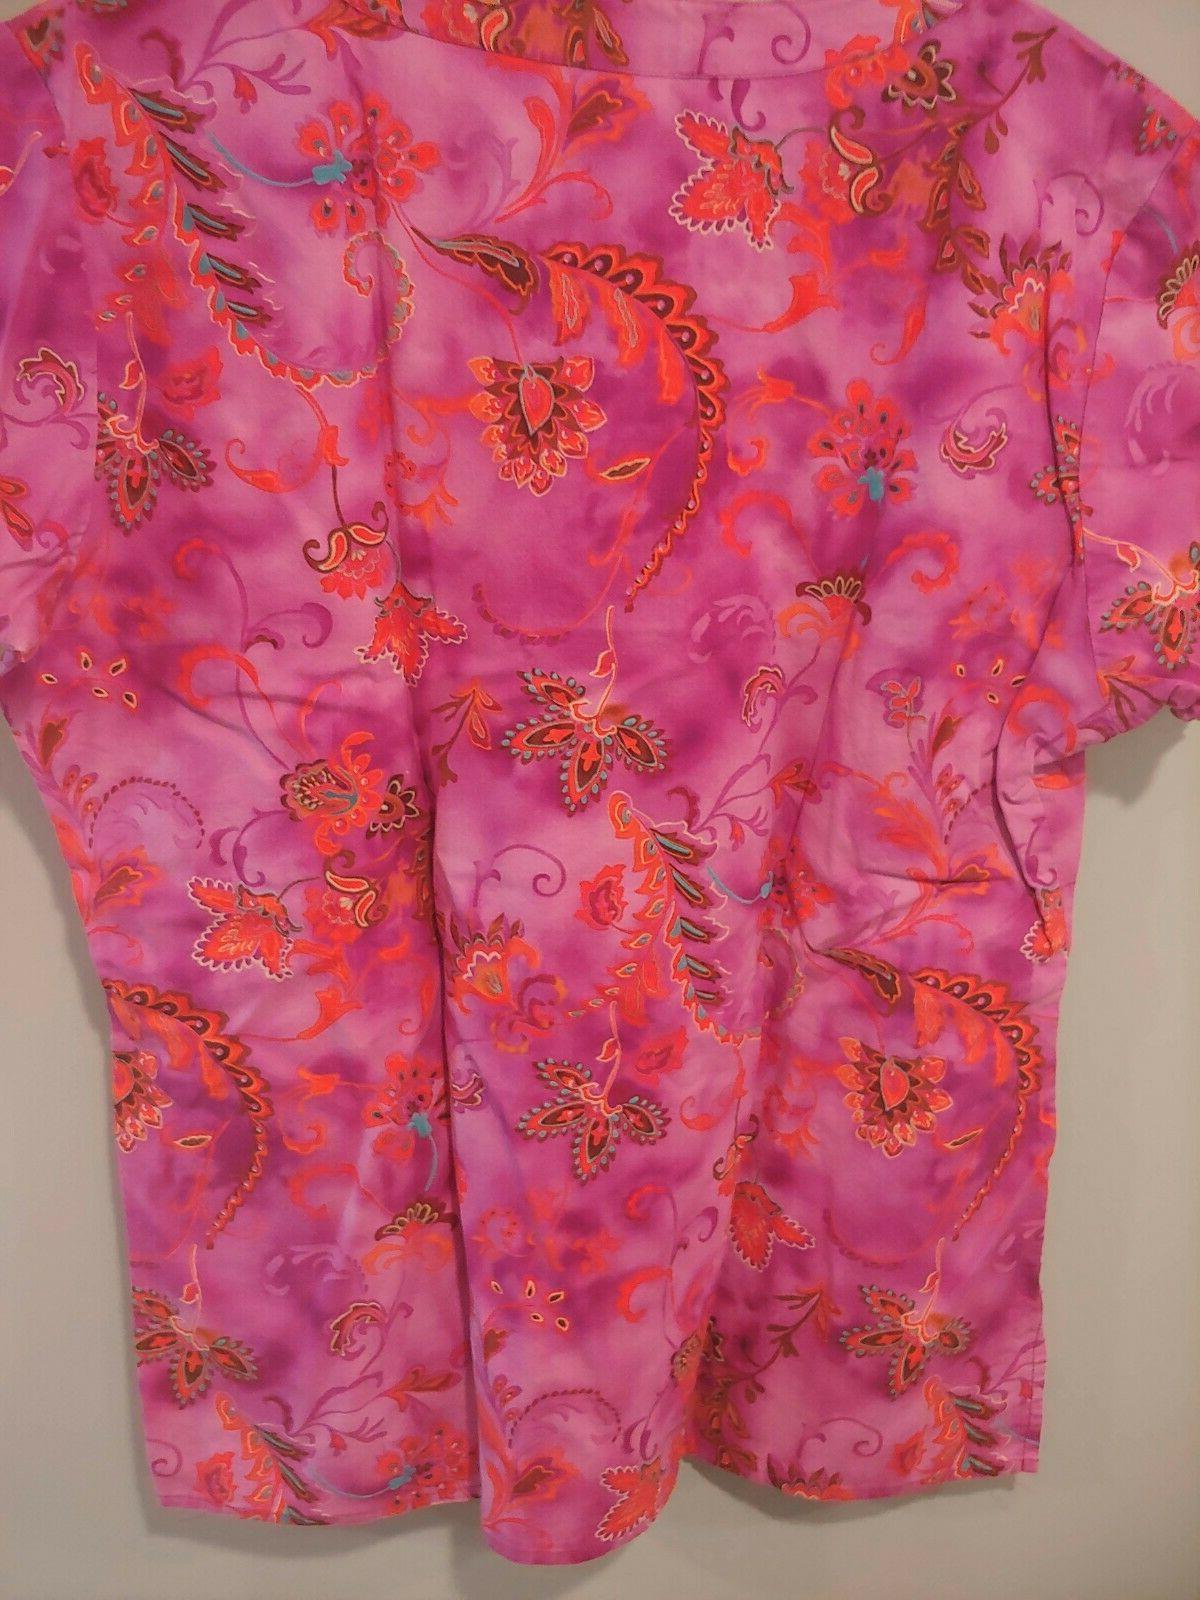 Dickies Scrub Short Sleeve Pink Multicolor